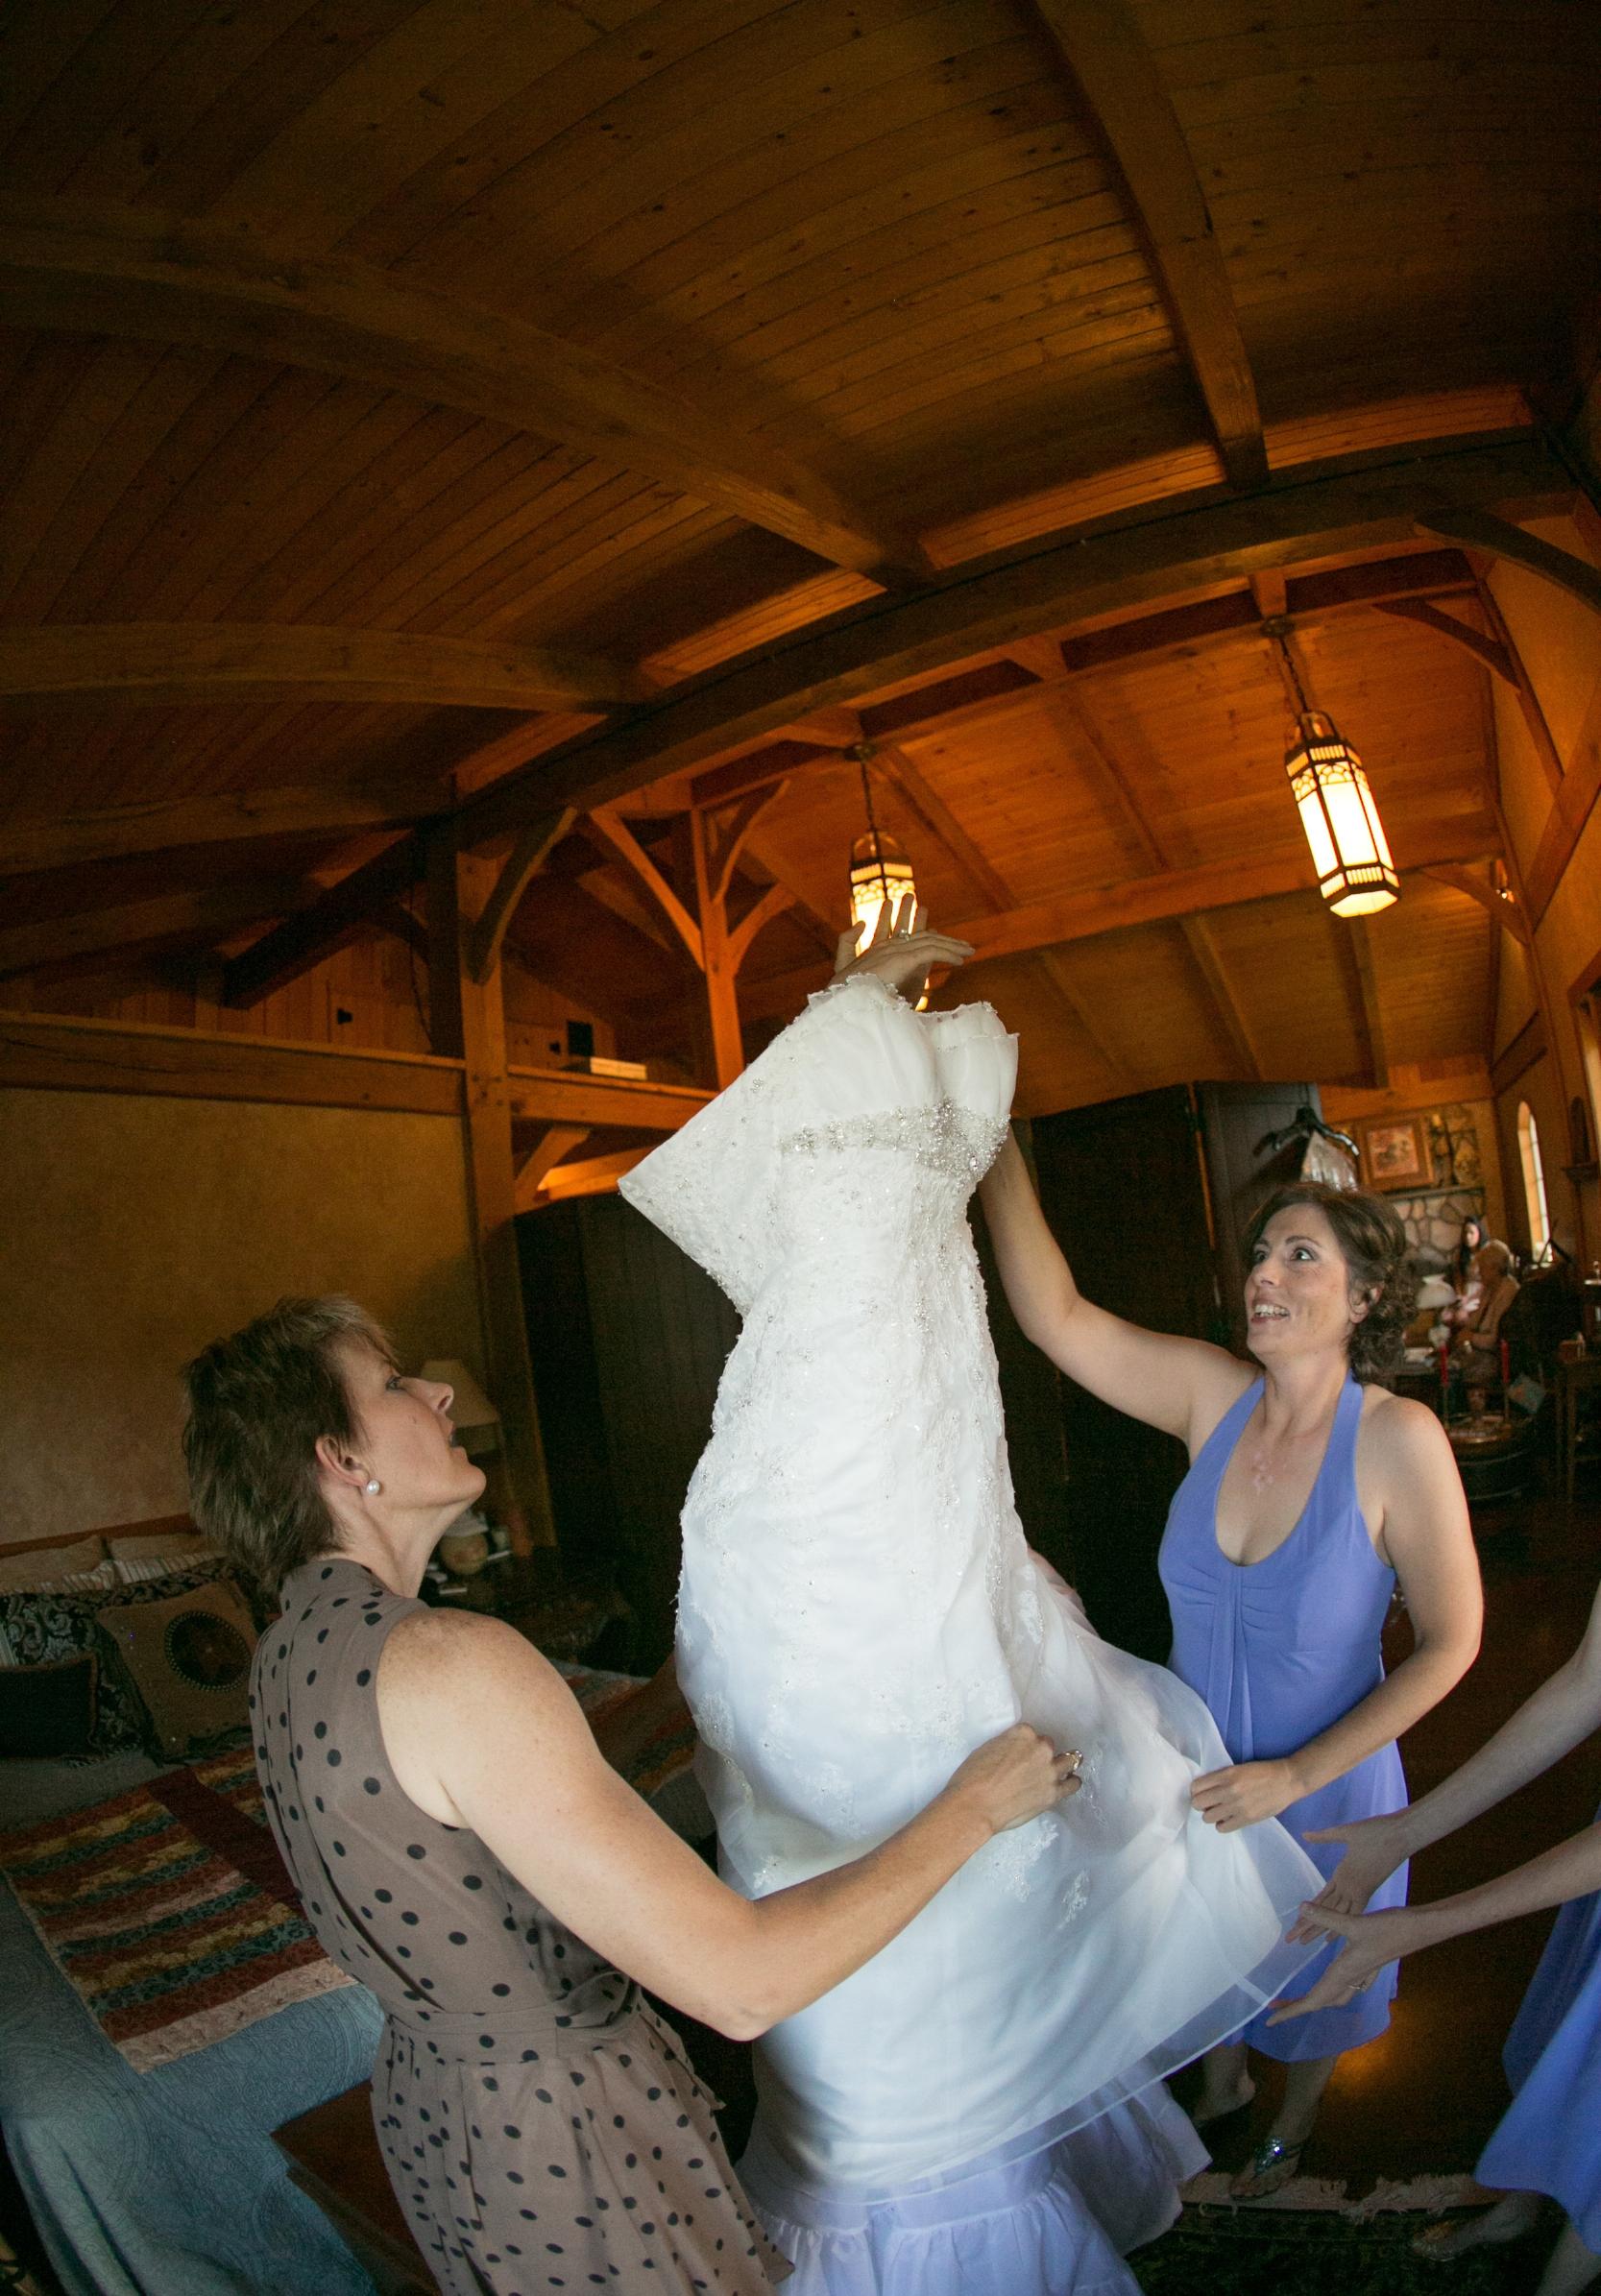 Bridal Suite Barn Wedding Image.jpg